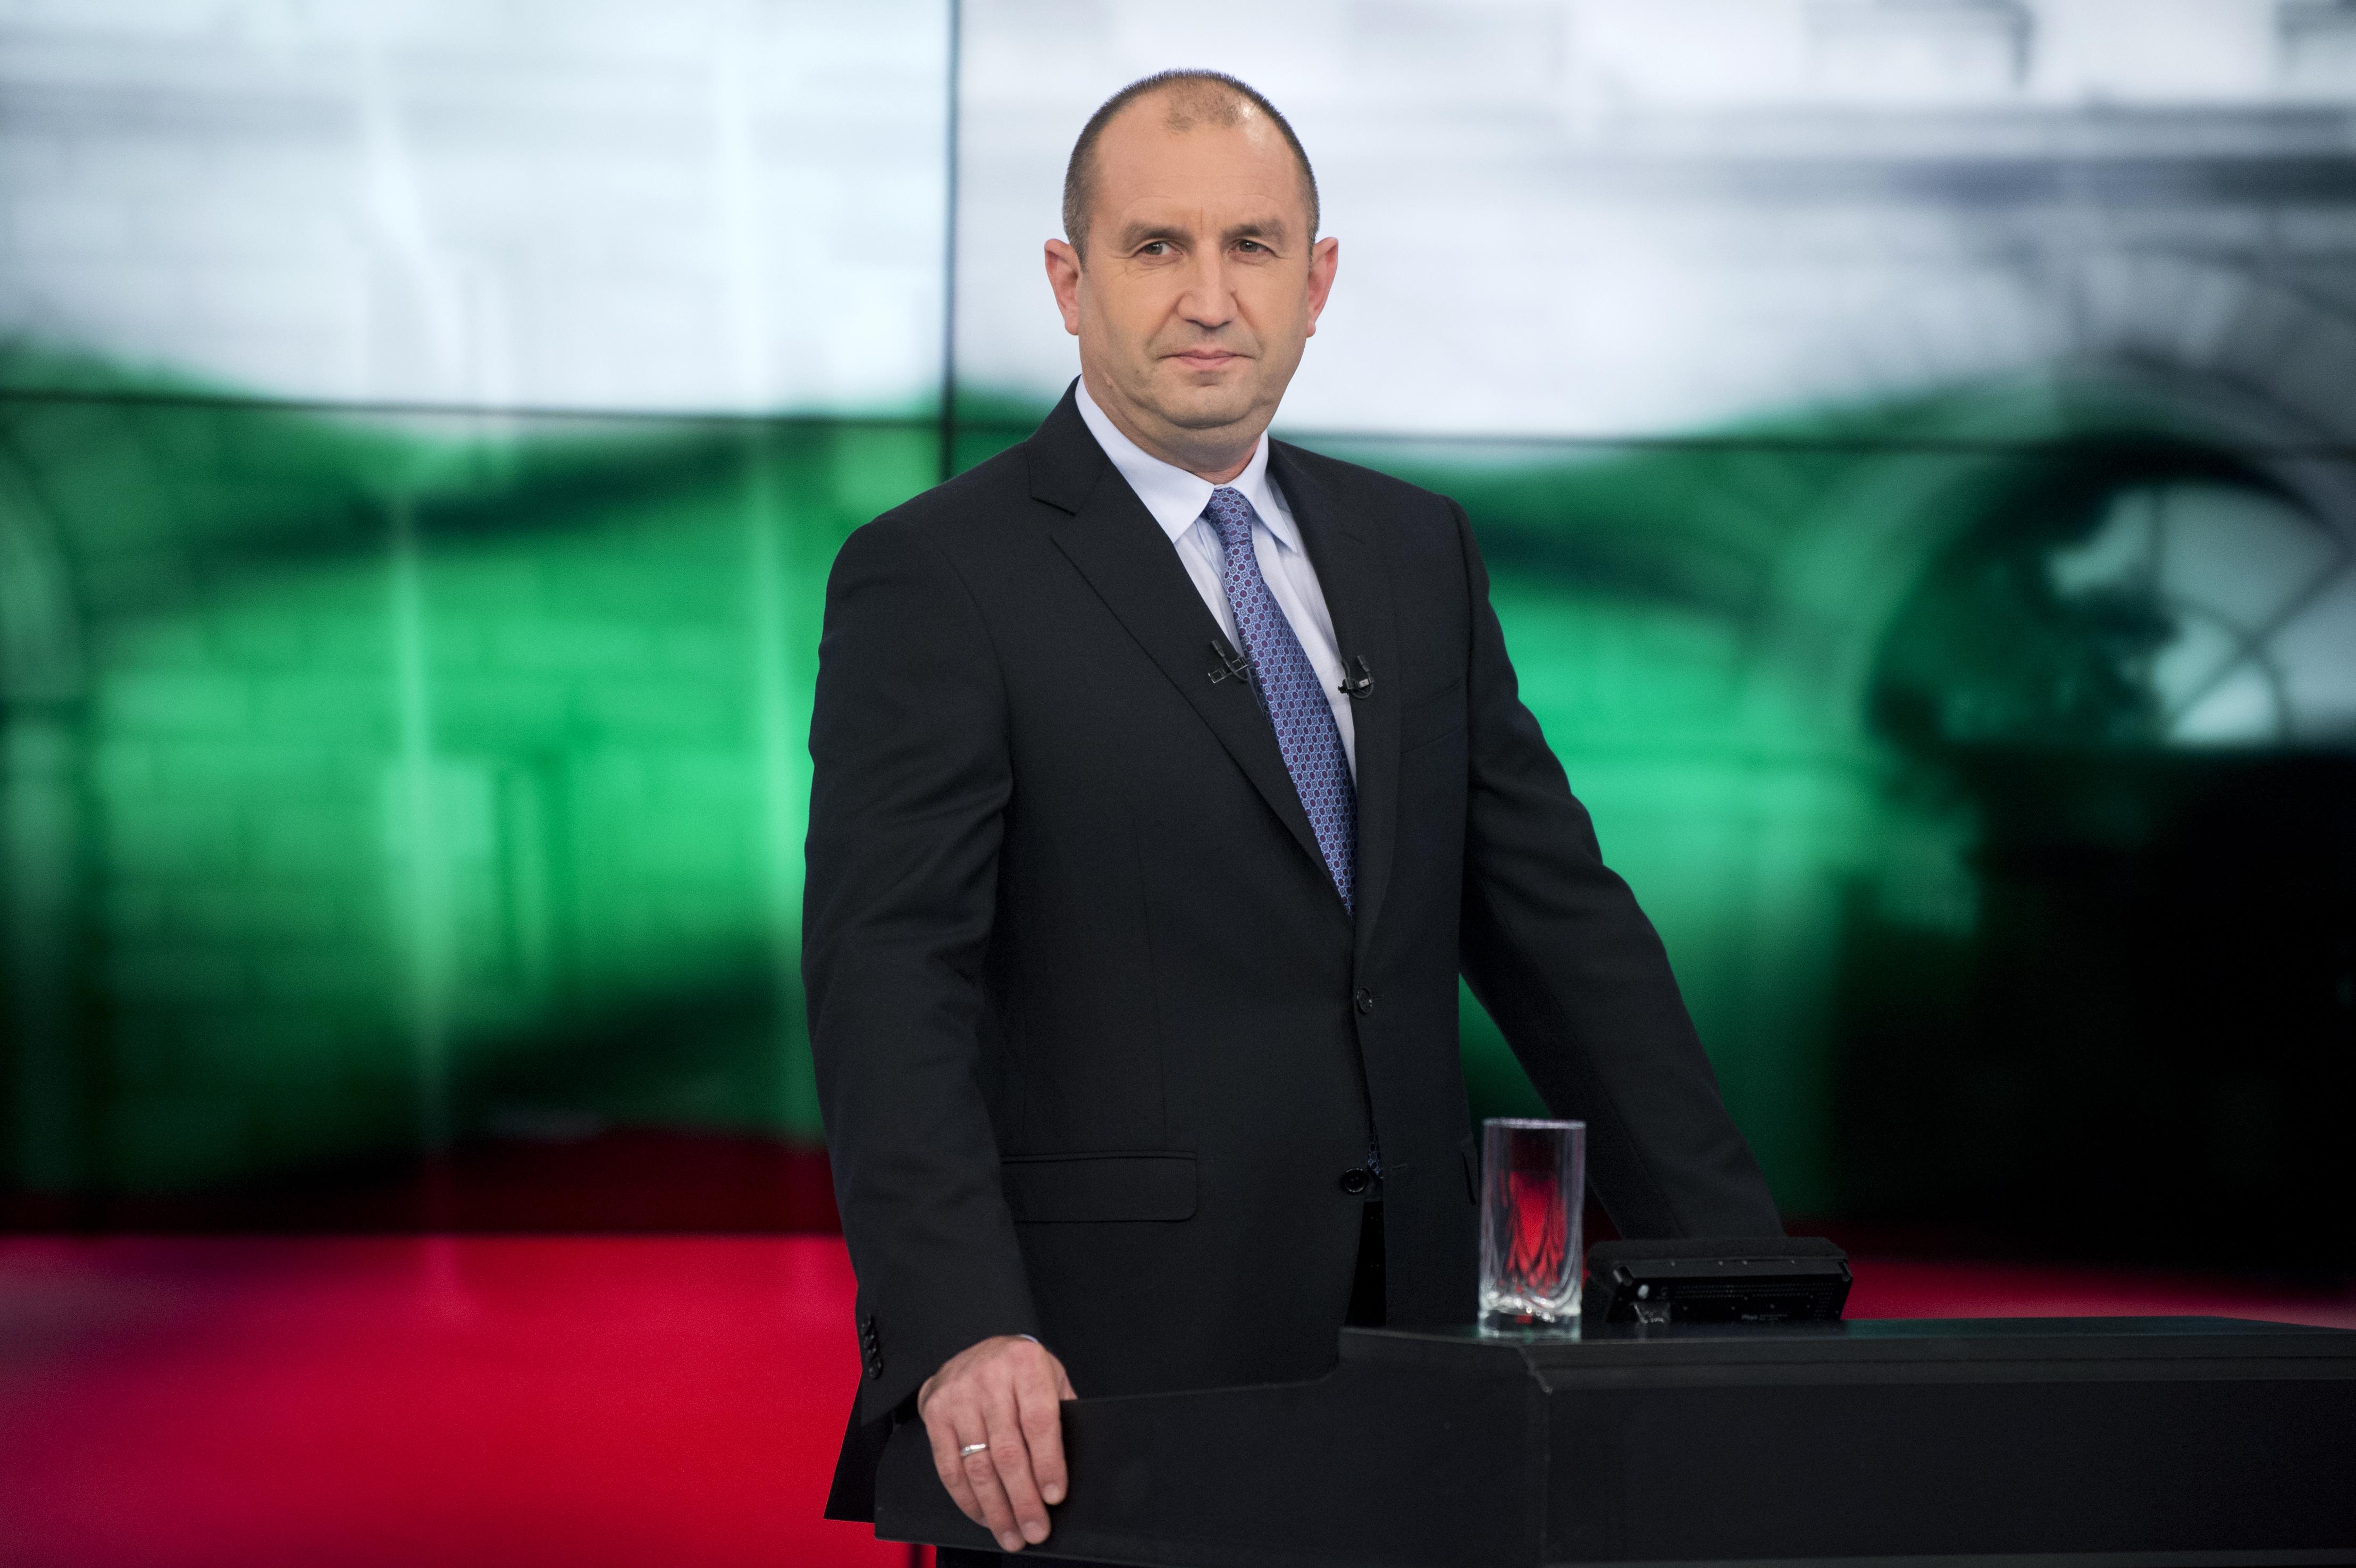 Az észt elnöki hivatal szerint a bolgár elnök koronavírus-fertőzöttel találkozott, a bolgár elnöki hivatal szerint viszont nem